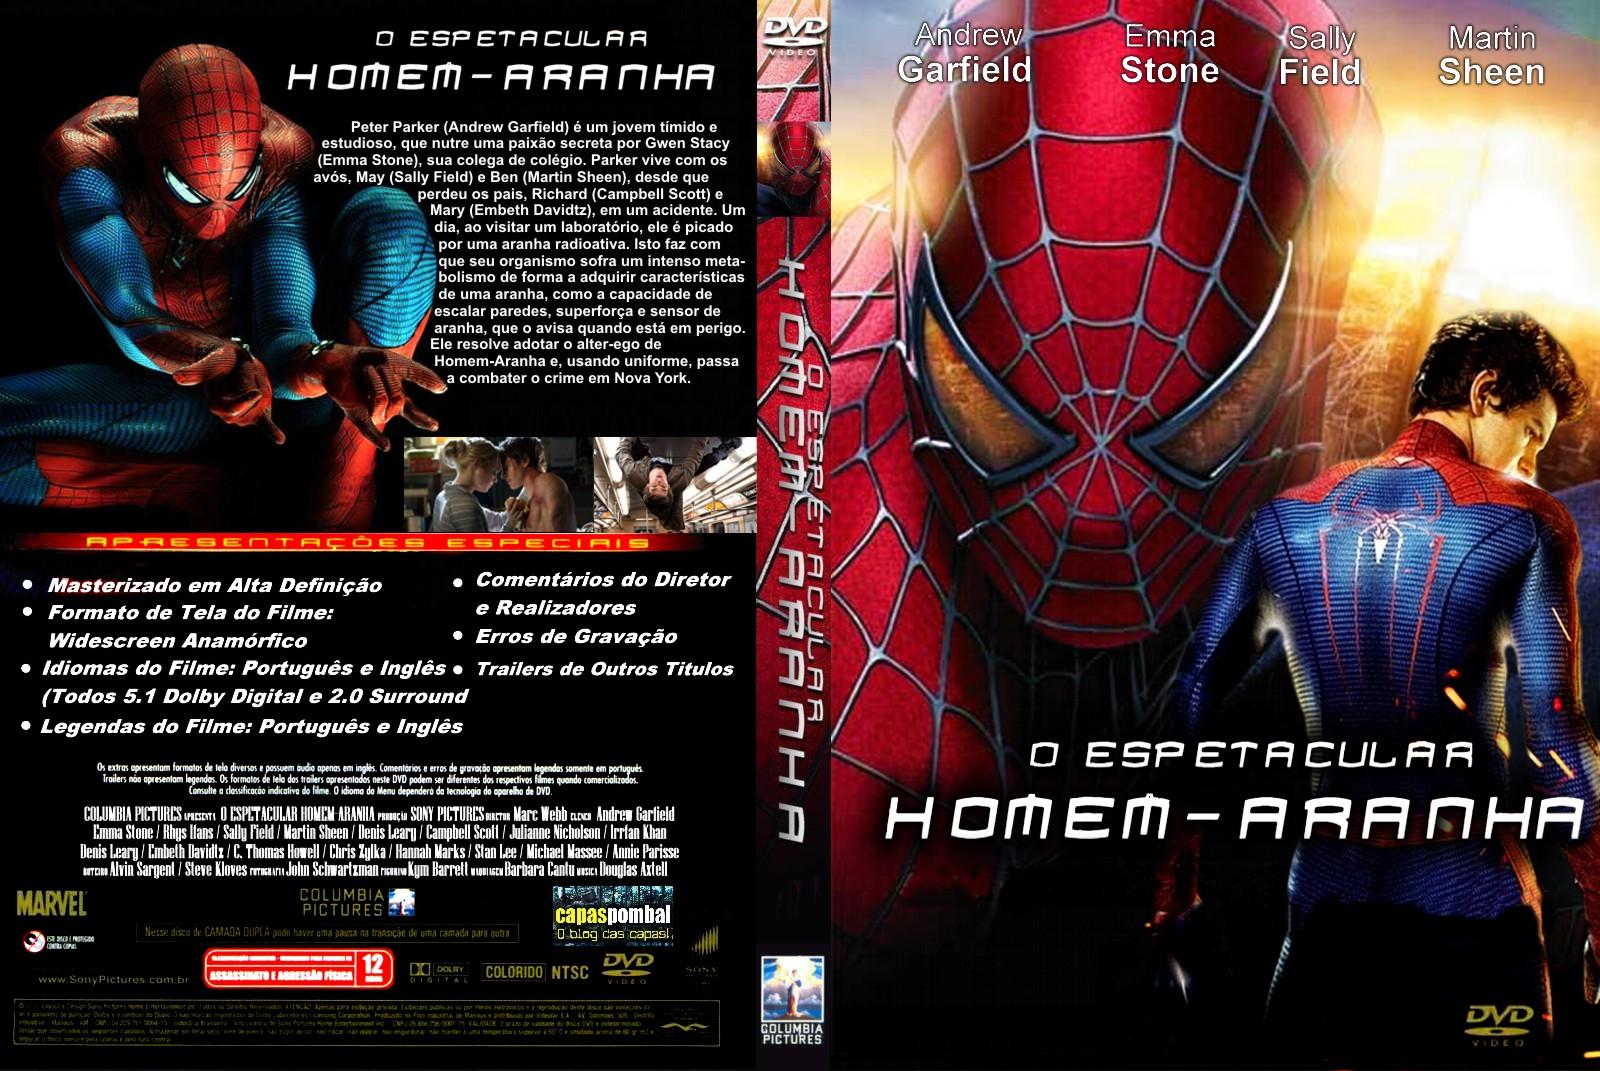 O Espetacular Homem-Aranha R5 XviD Dual Audio O Espetacular Homem Aranha1